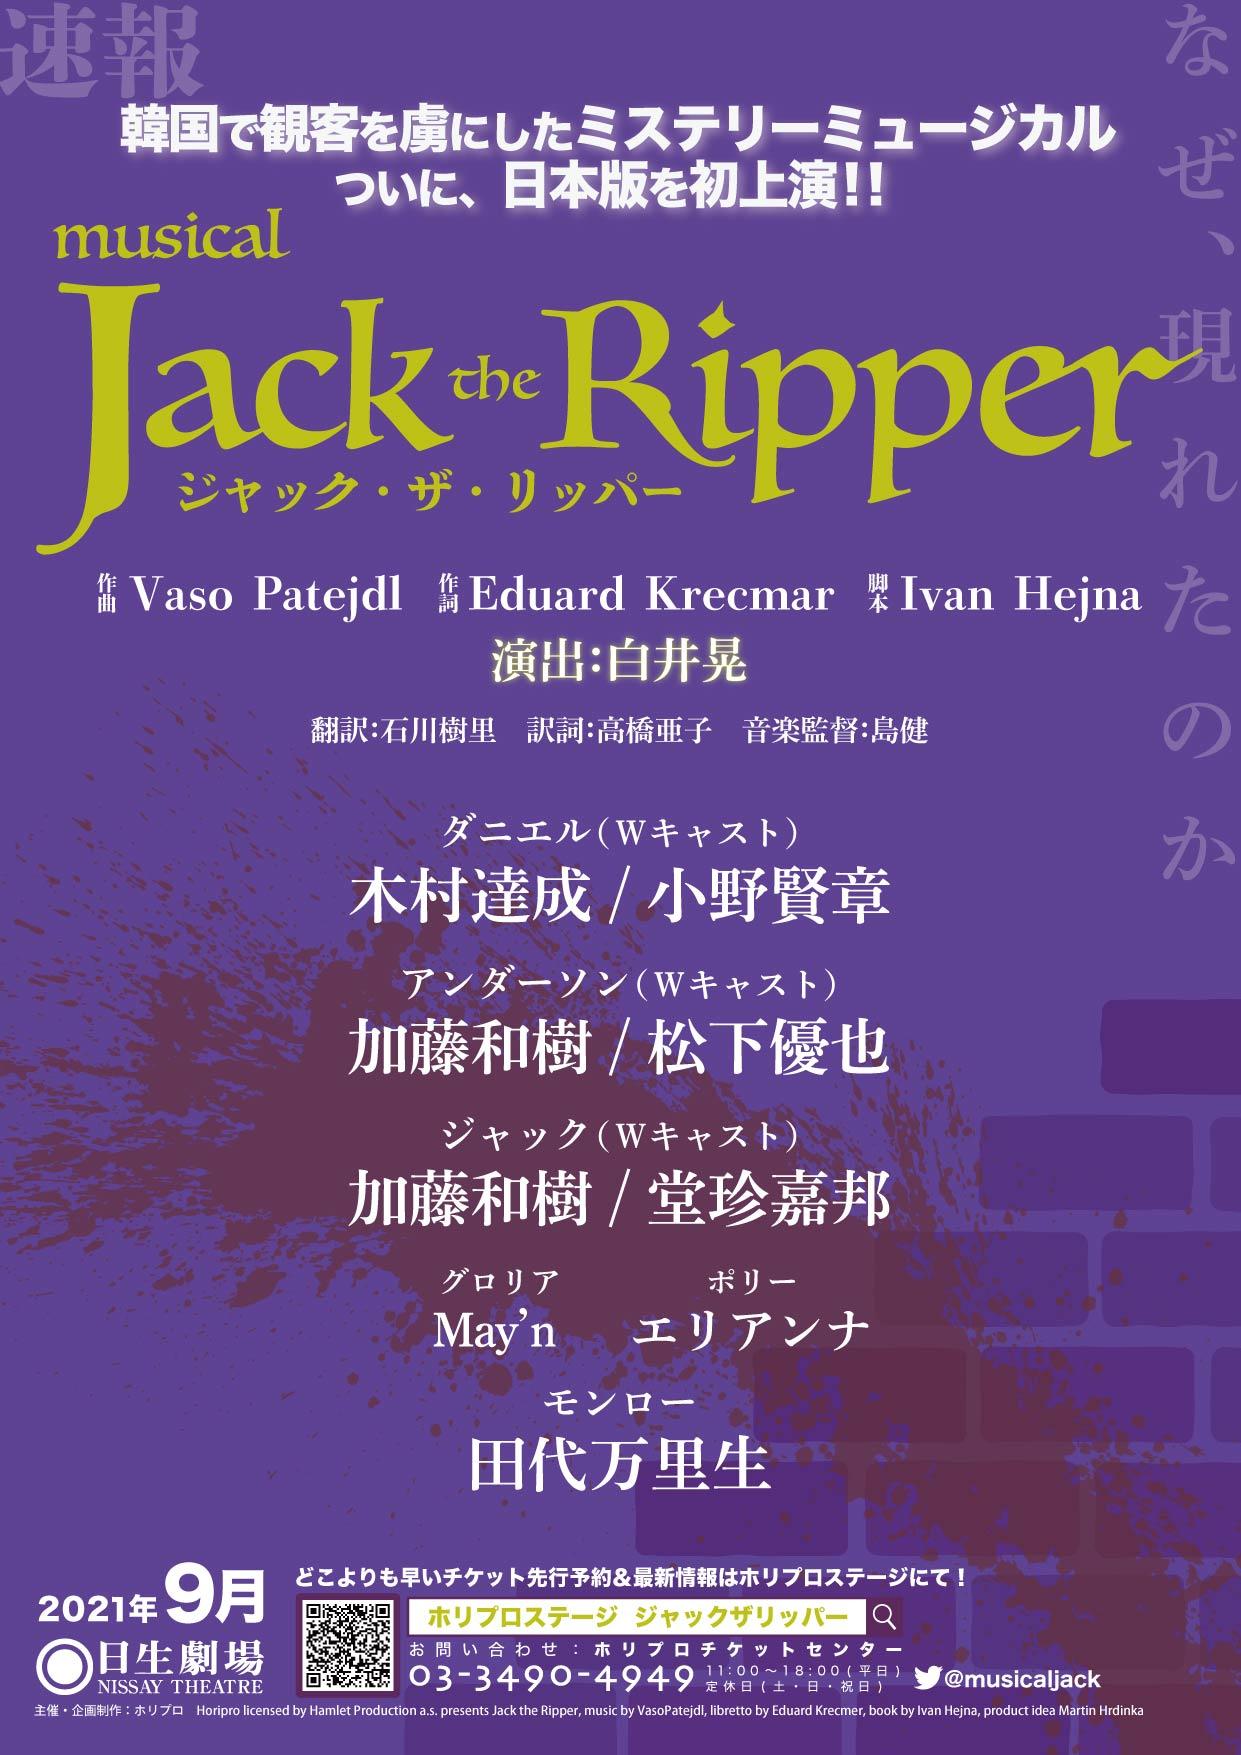 ミュージカル『ジャック・ザ・リッパー』